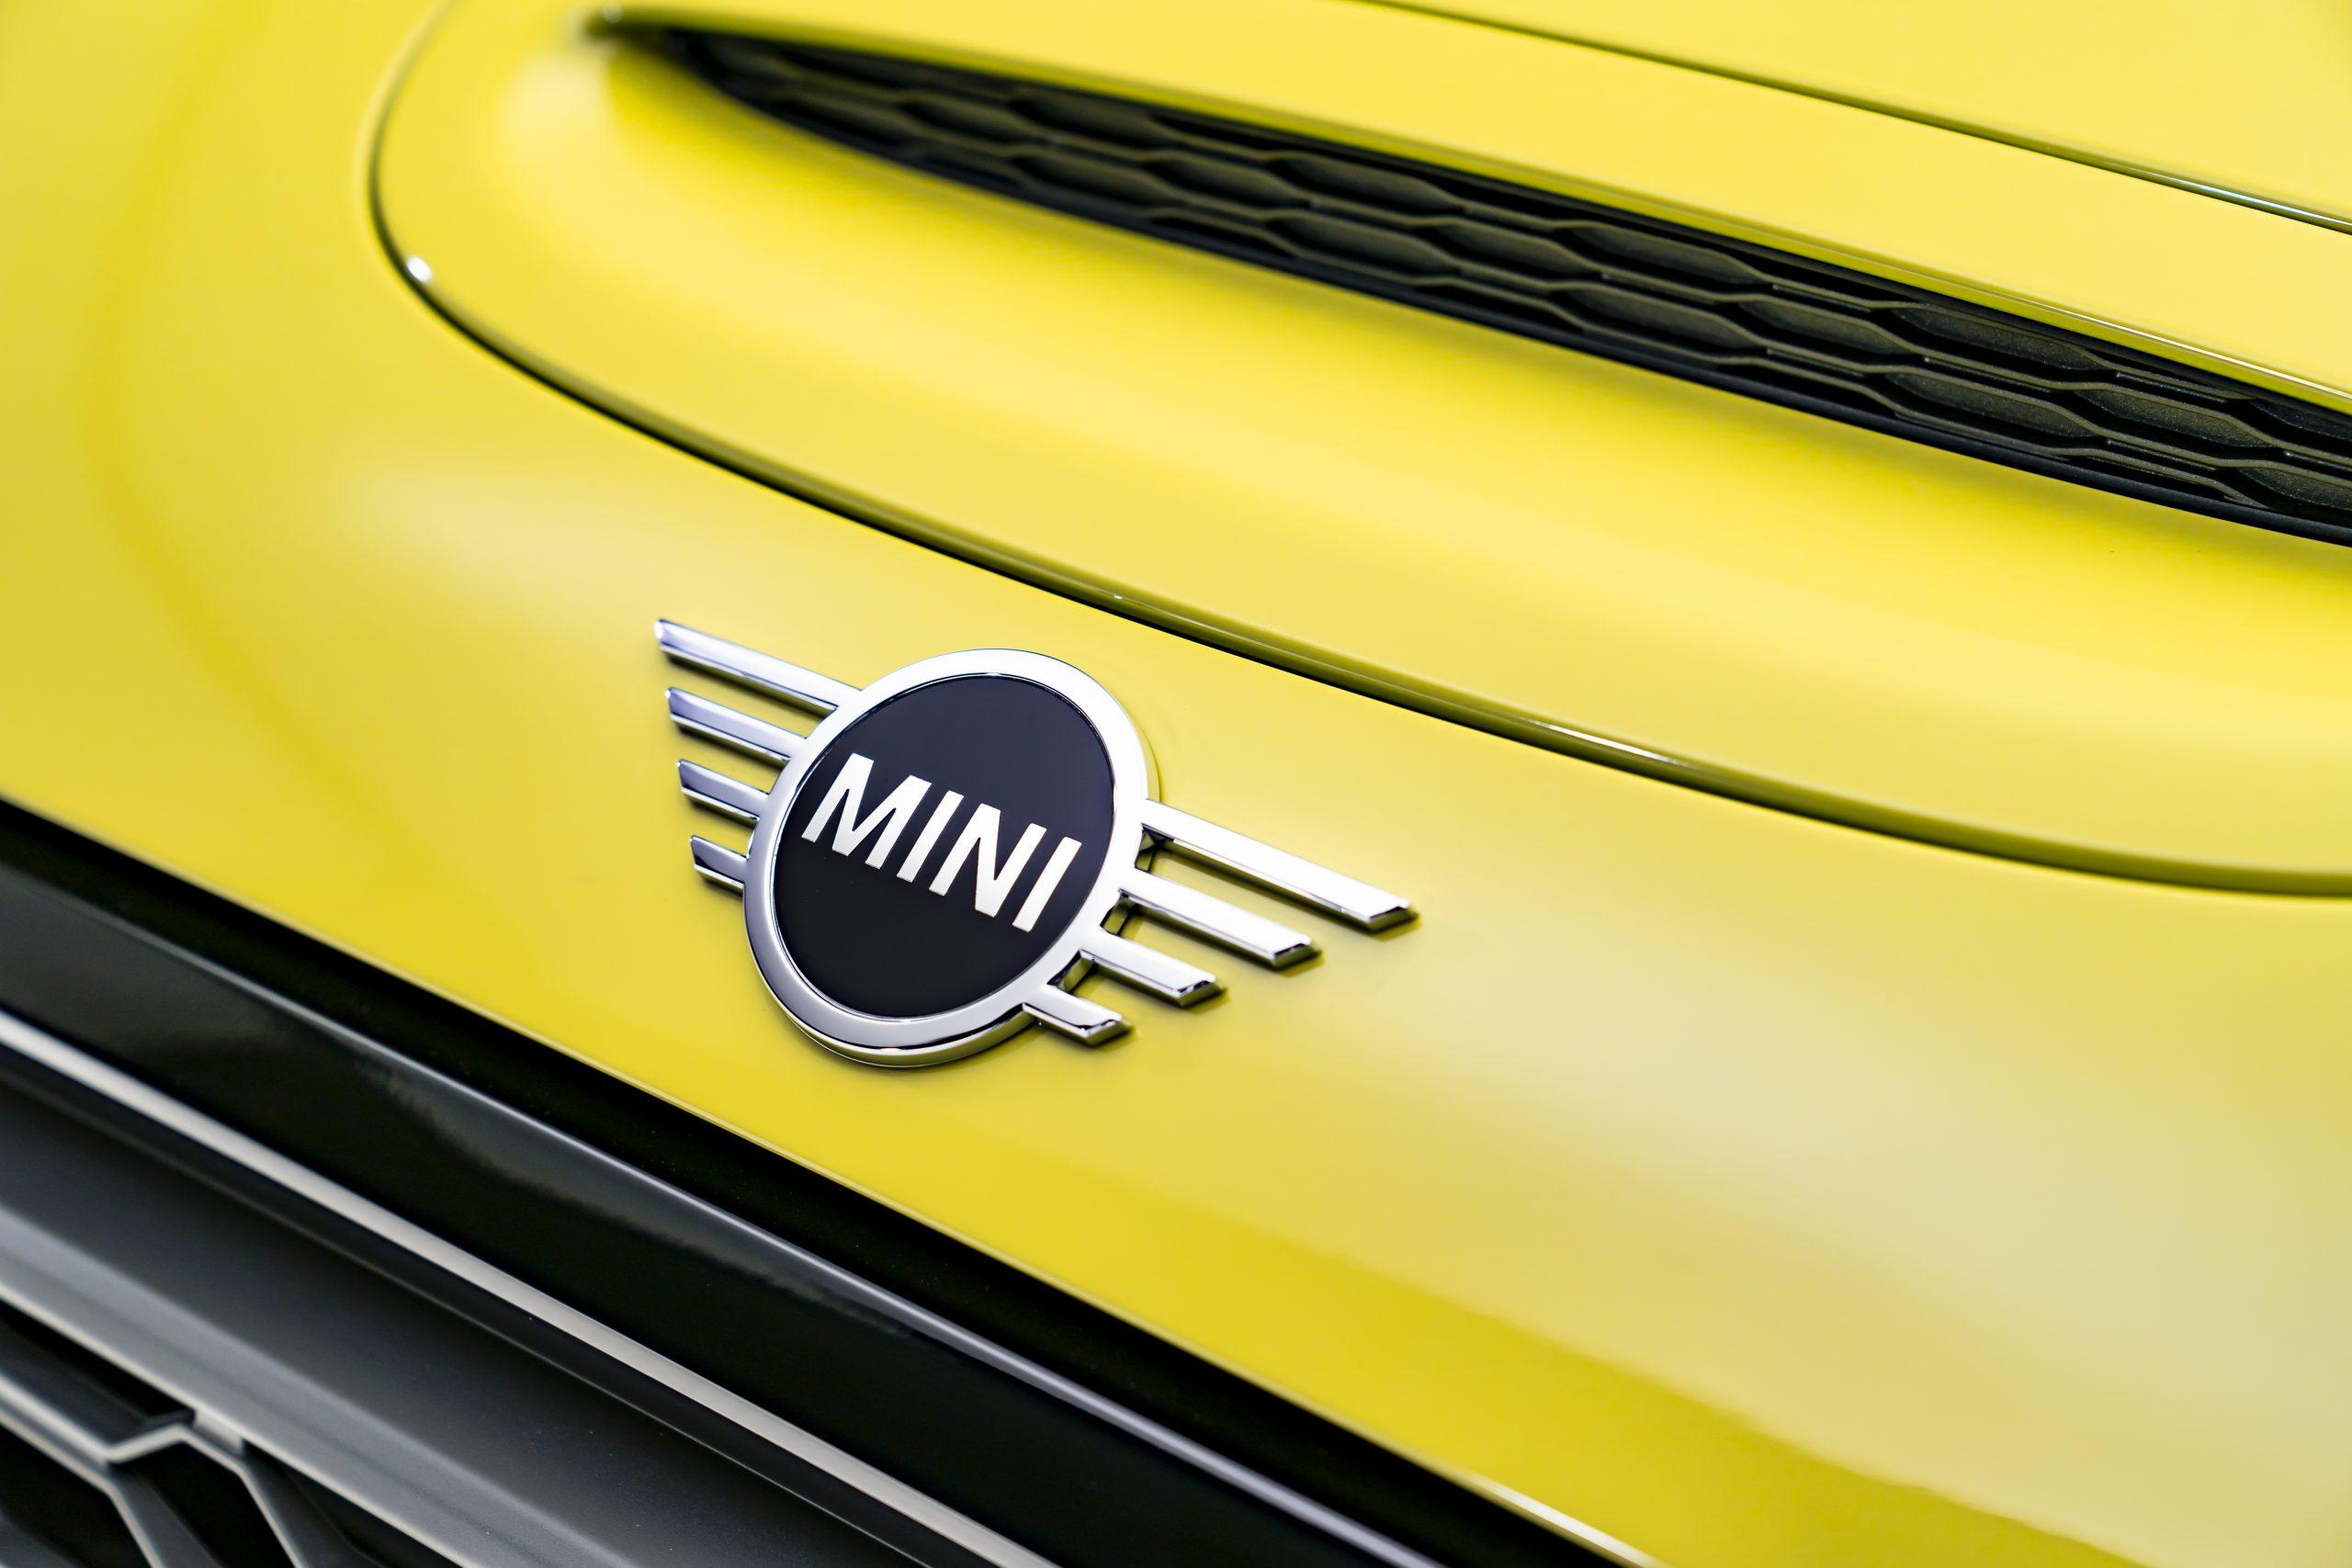 Mini Cooper chrome 2022 logo front